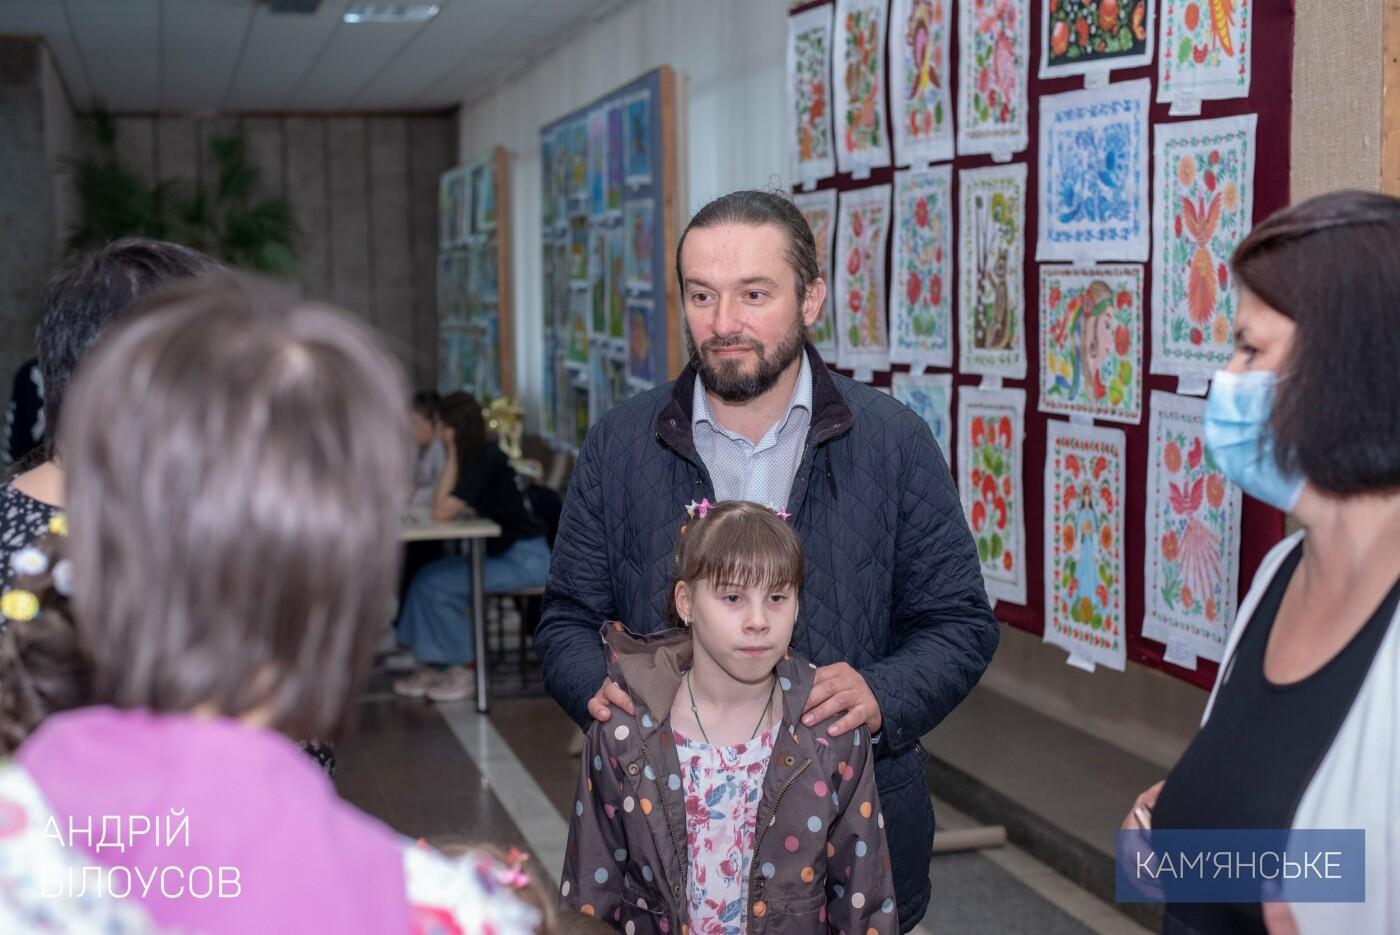 Мэр Каменского поздравил маленьких горожан с Днем защиты детей, фото-2